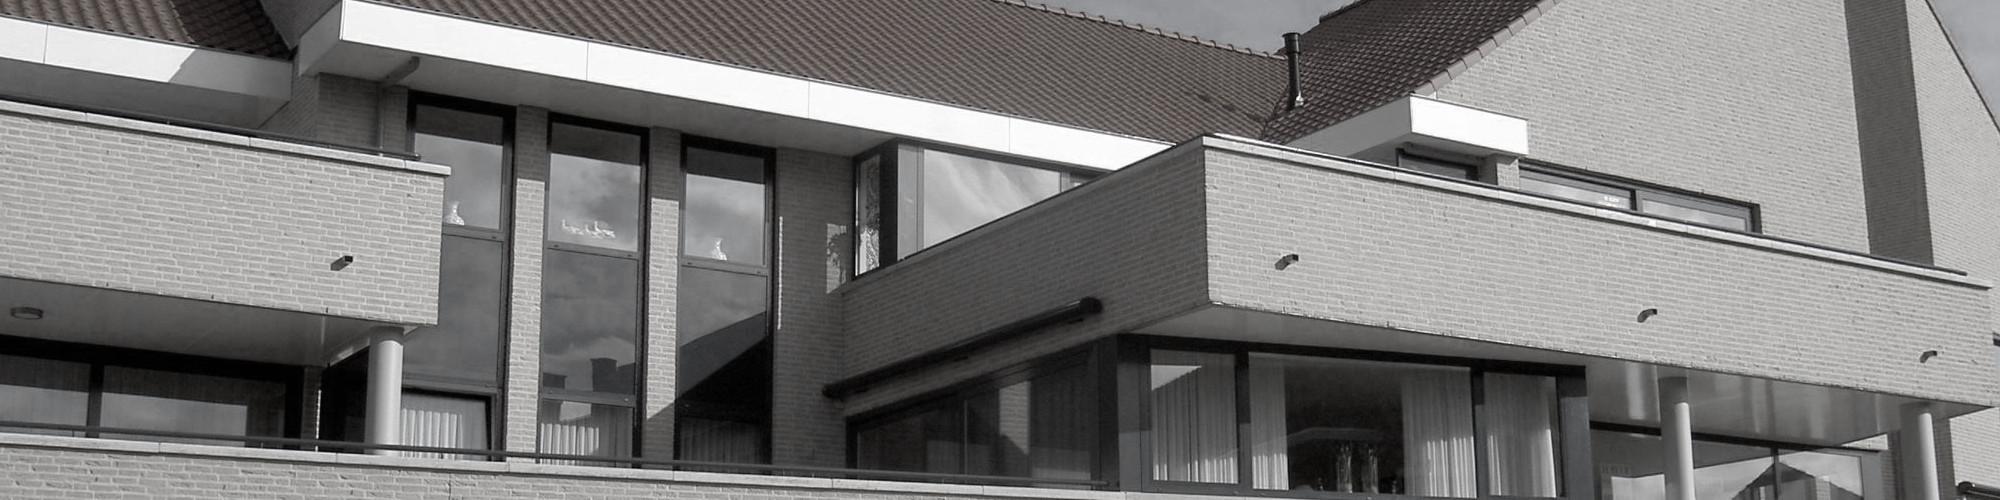 Appartementengebouwen De Poell en La Poste te Nederweert door Beelen CS architecten